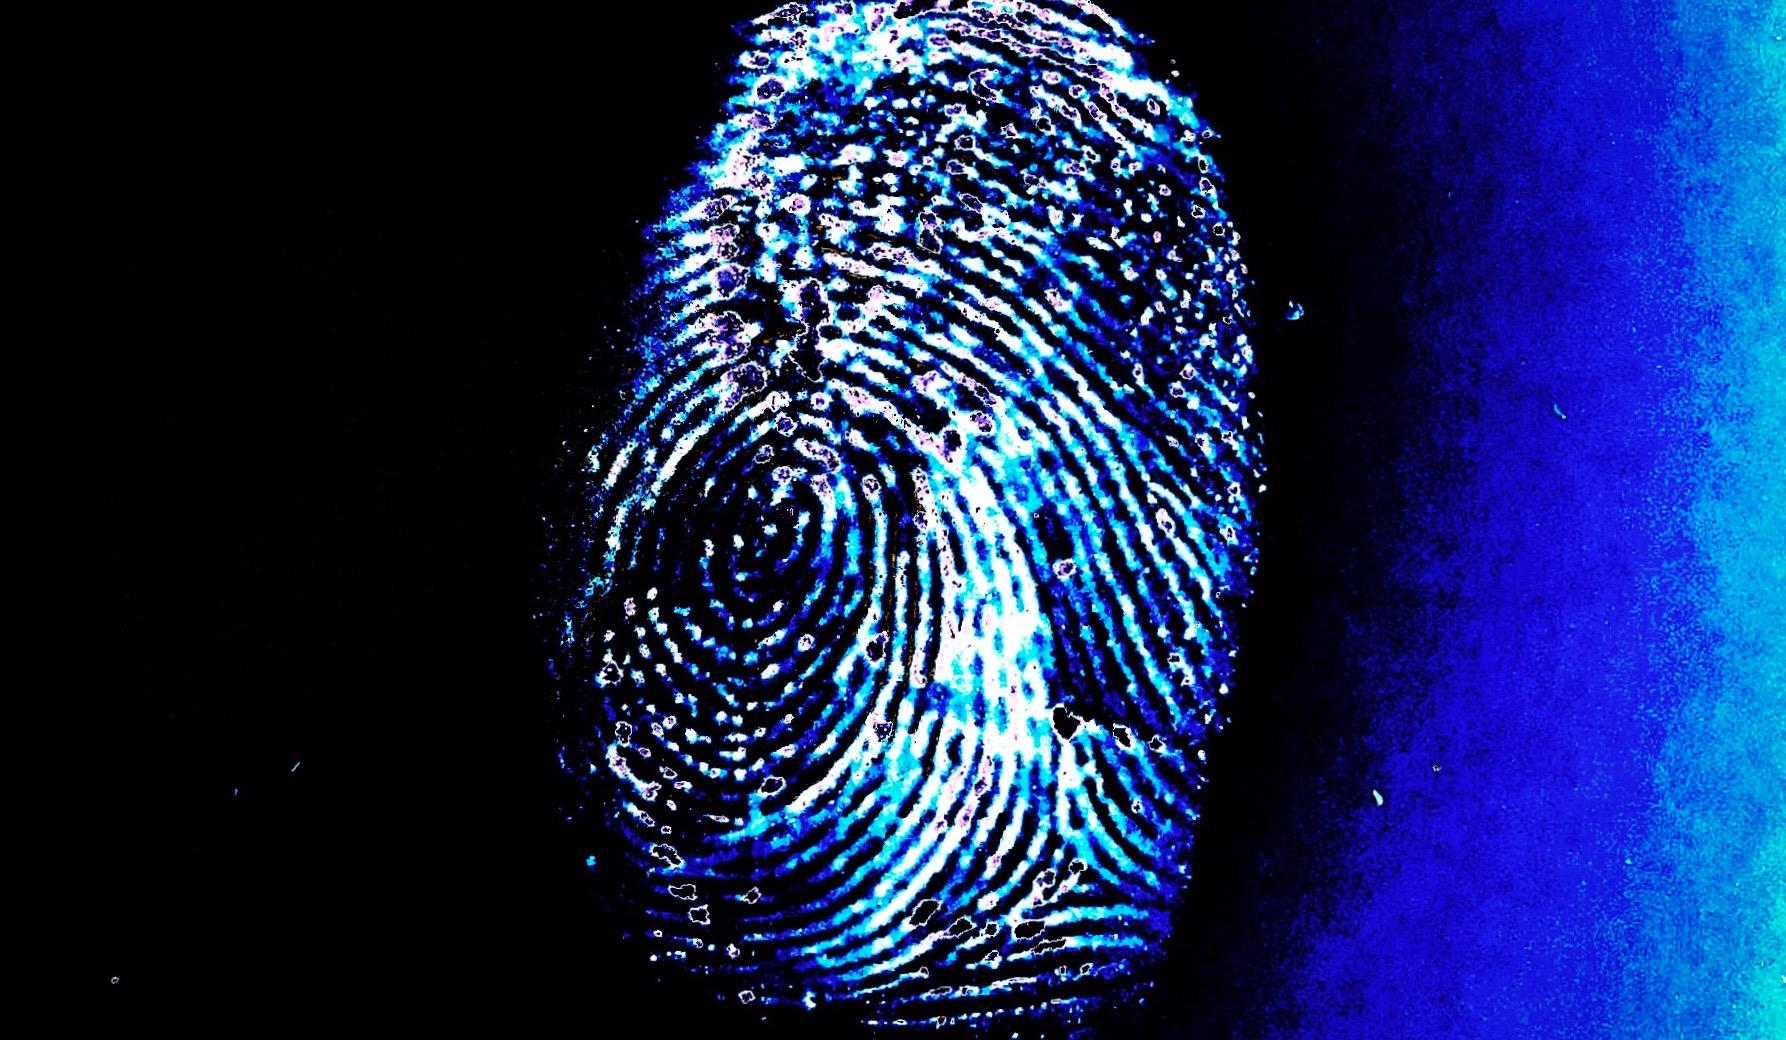 Der genetische Fingerprint